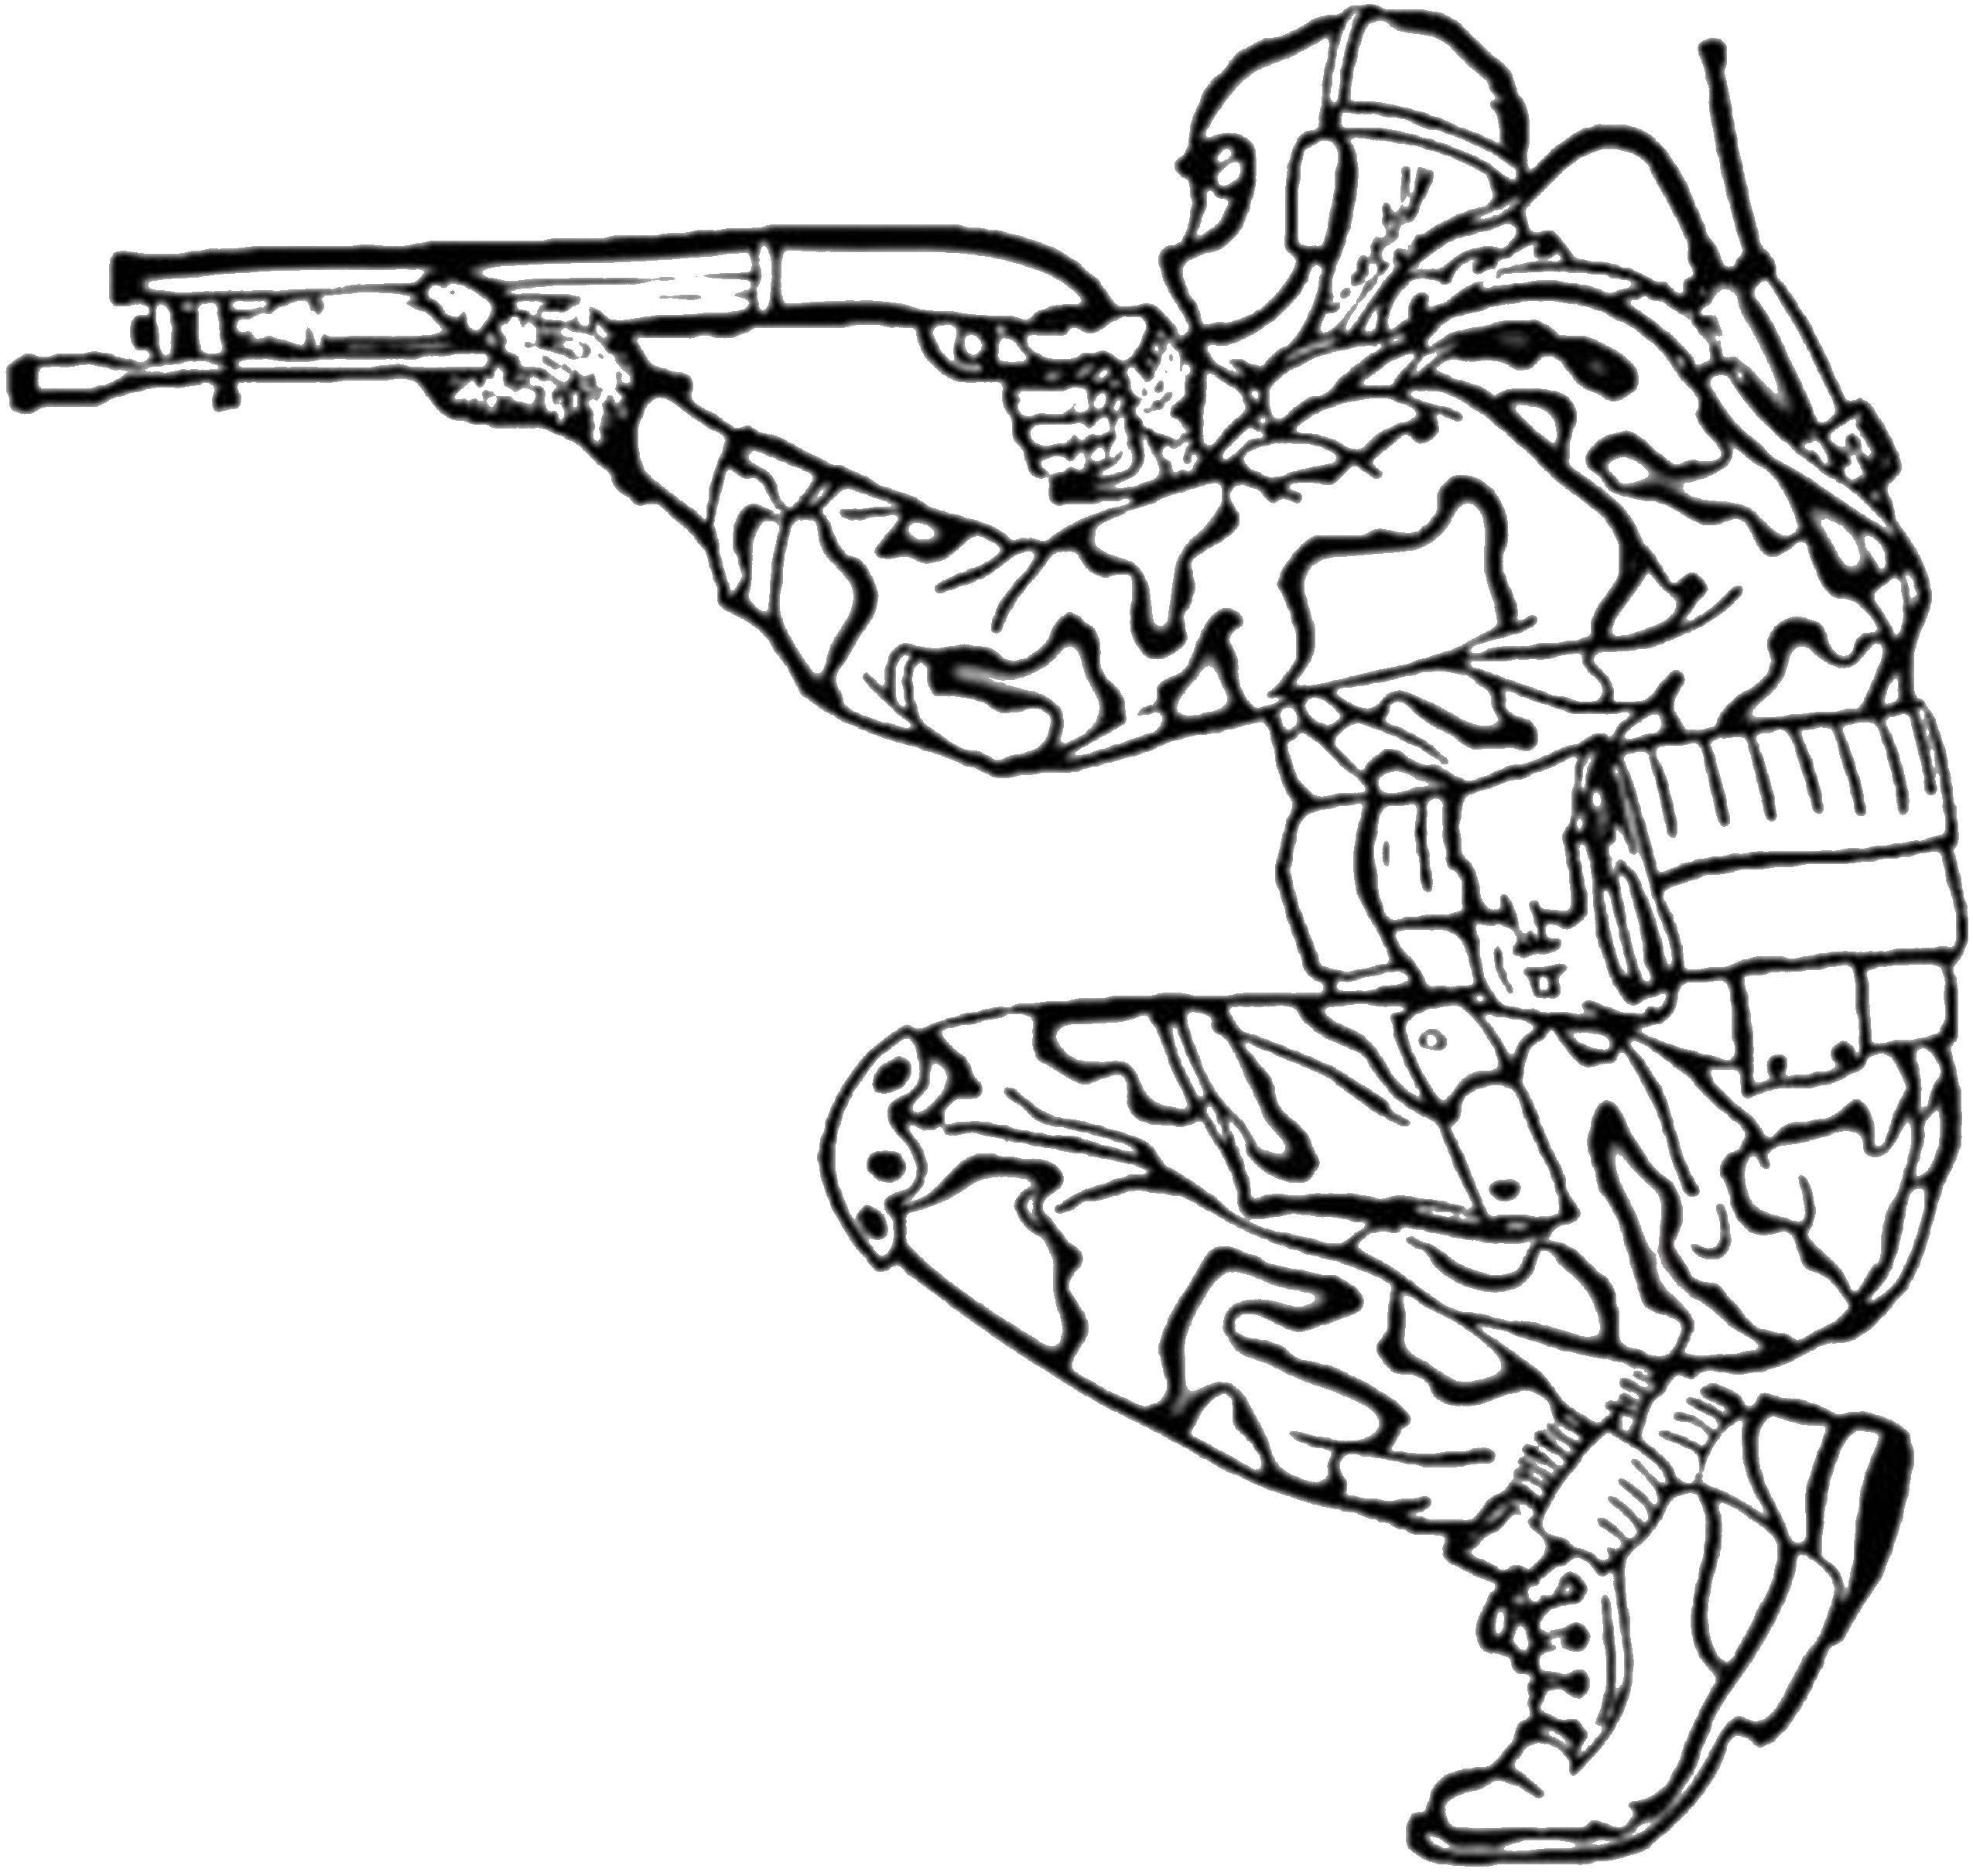 Раскраска Солдат с ружьем. Скачать солдат, ружье.  Распечатать ,военные раскраски,